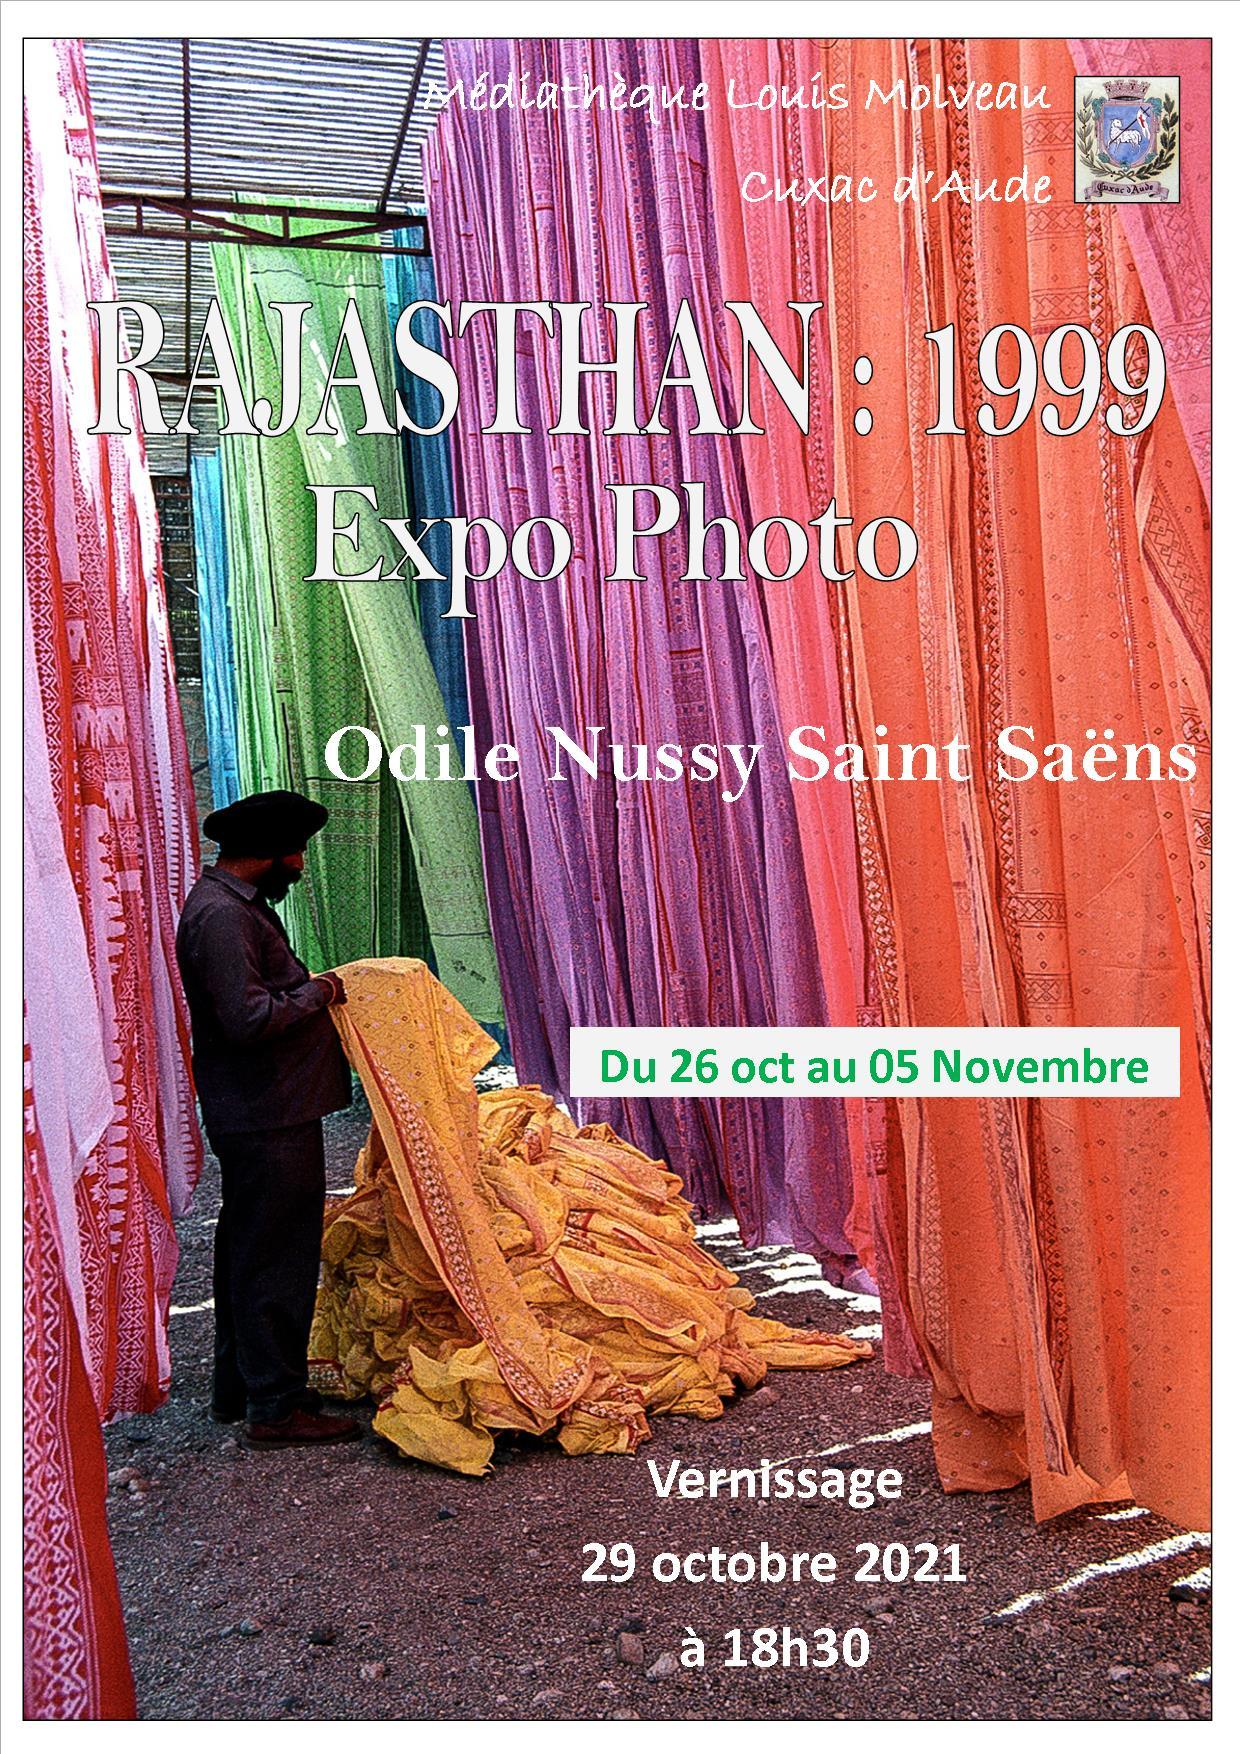 Exposition - Vernissage le 29/10 à 18h30